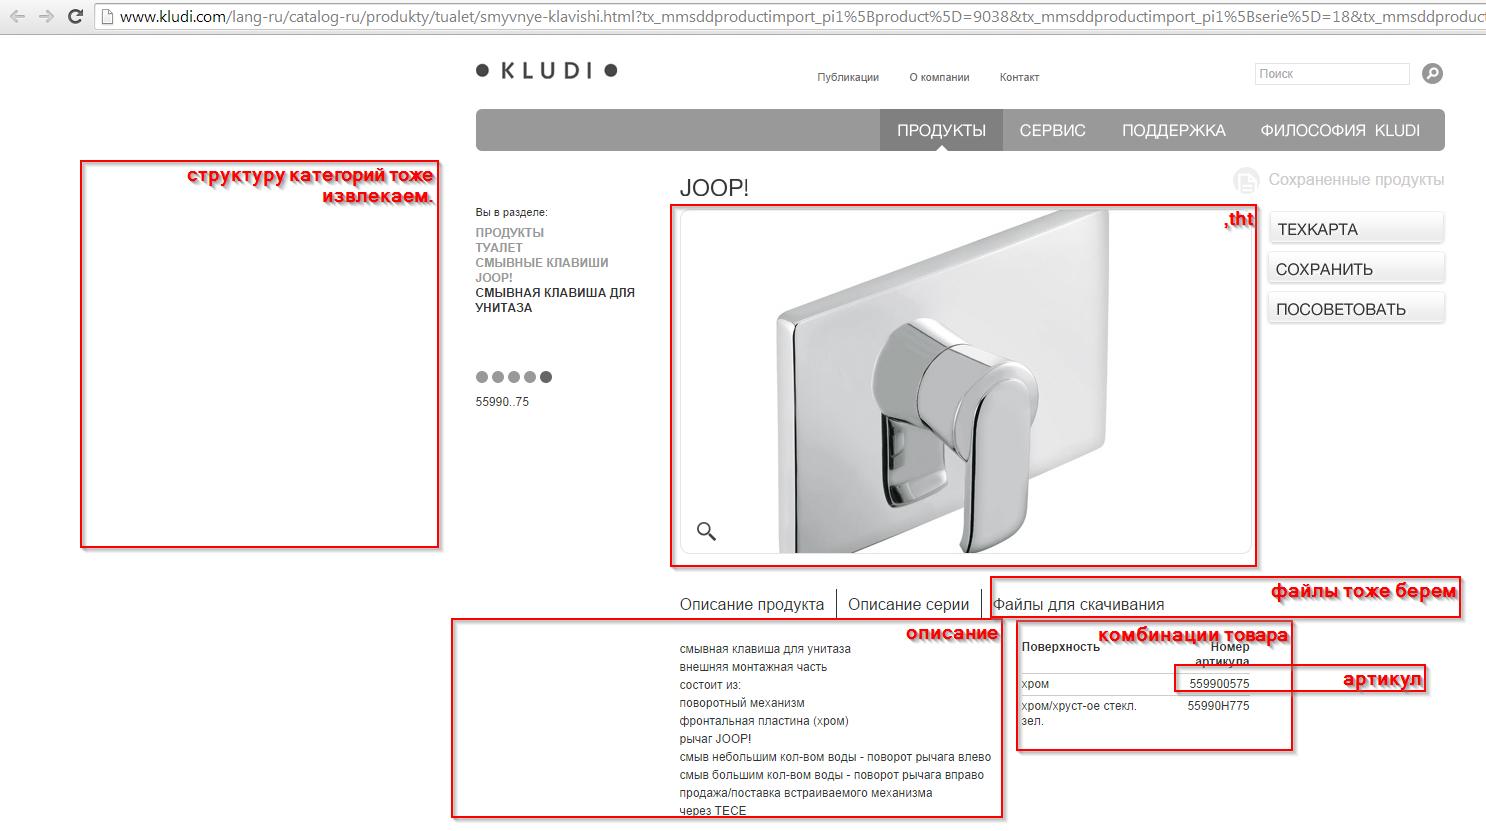 Наполнение магазина товарами kludi.com